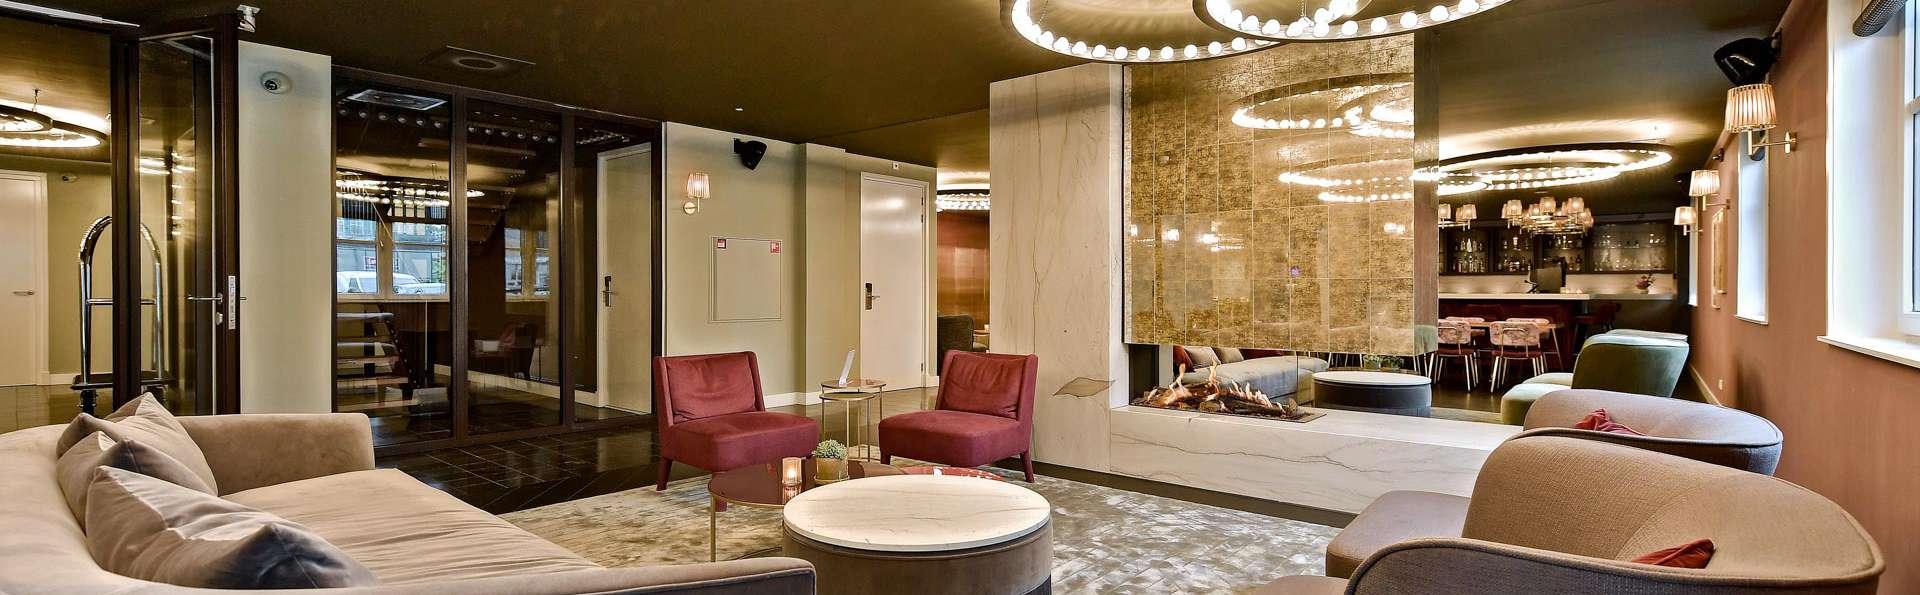 Luxe, design et confort aux abords d'Amsterdam